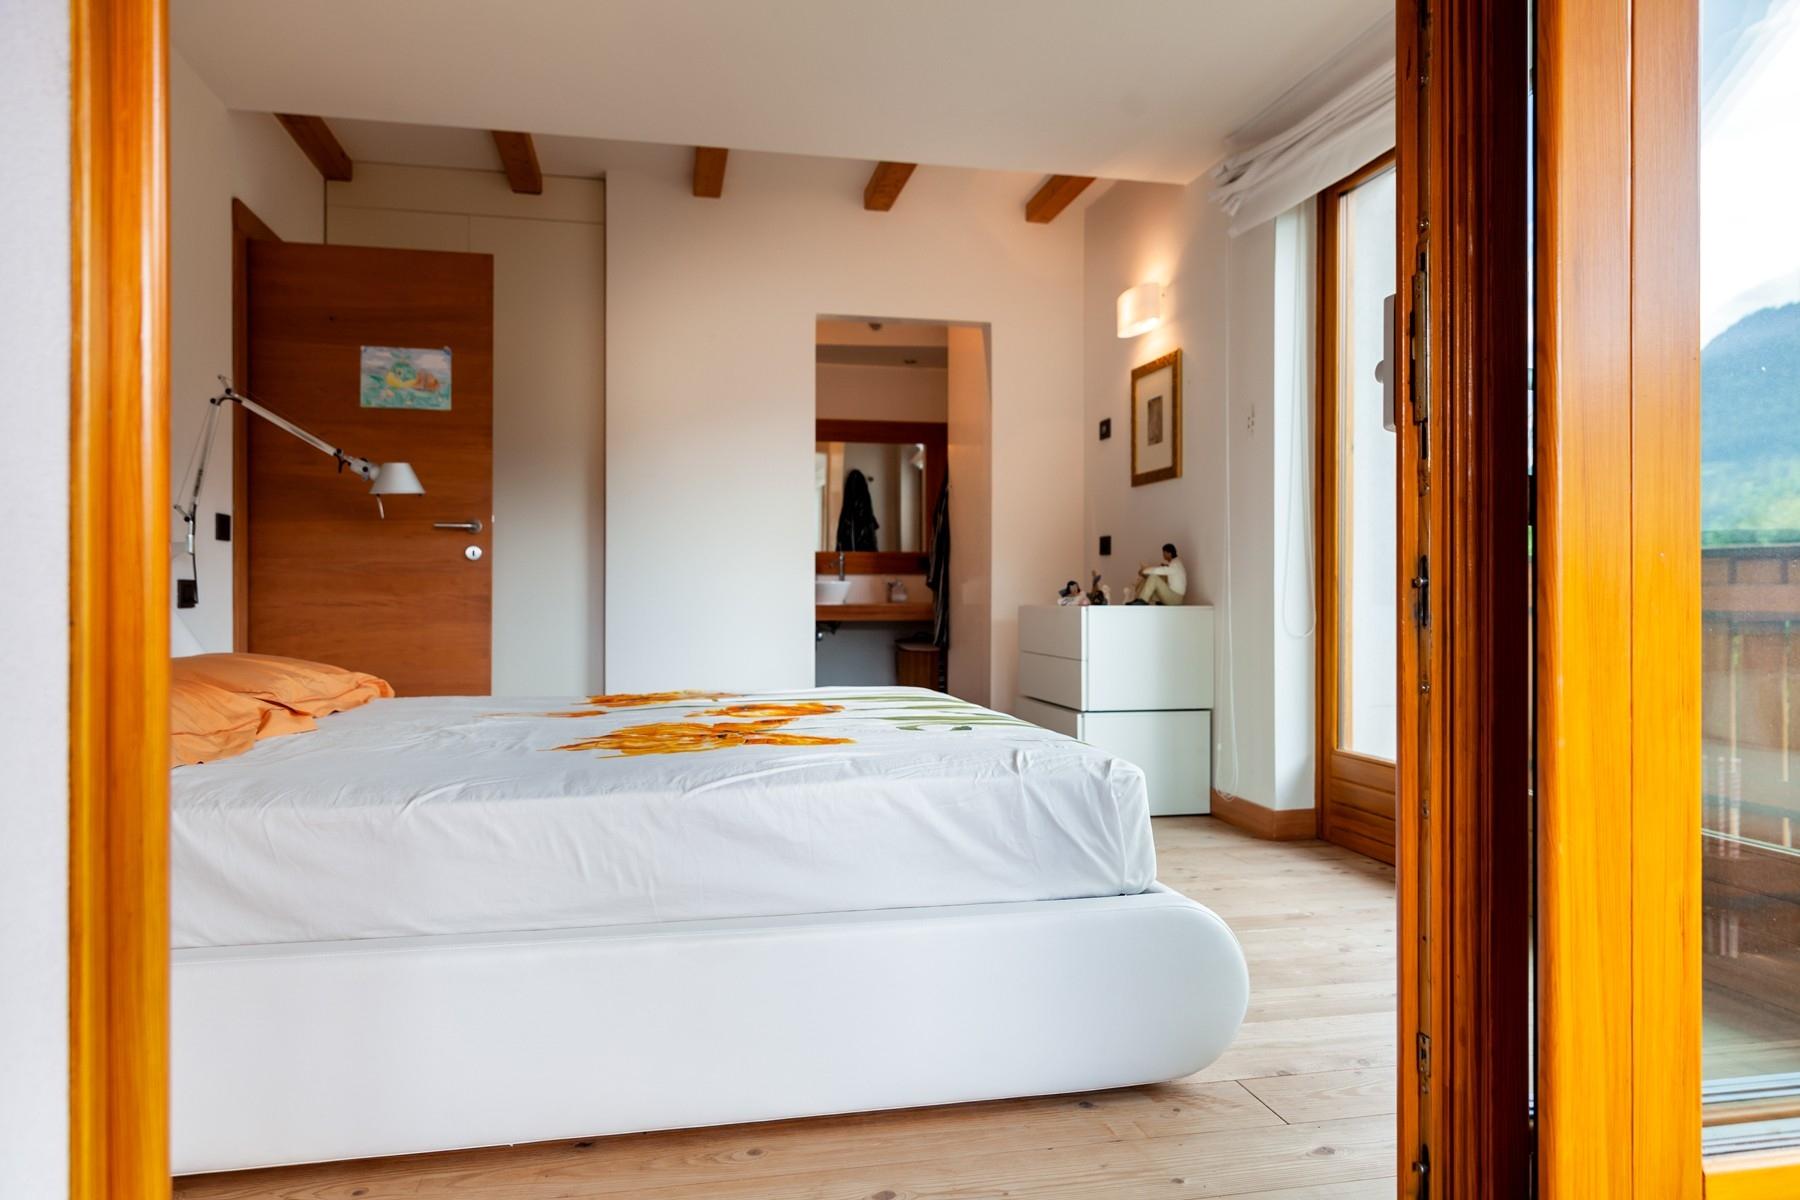 Casa indipendente in Vendita a Tarvisio: 5 locali, 300 mq - Foto 10